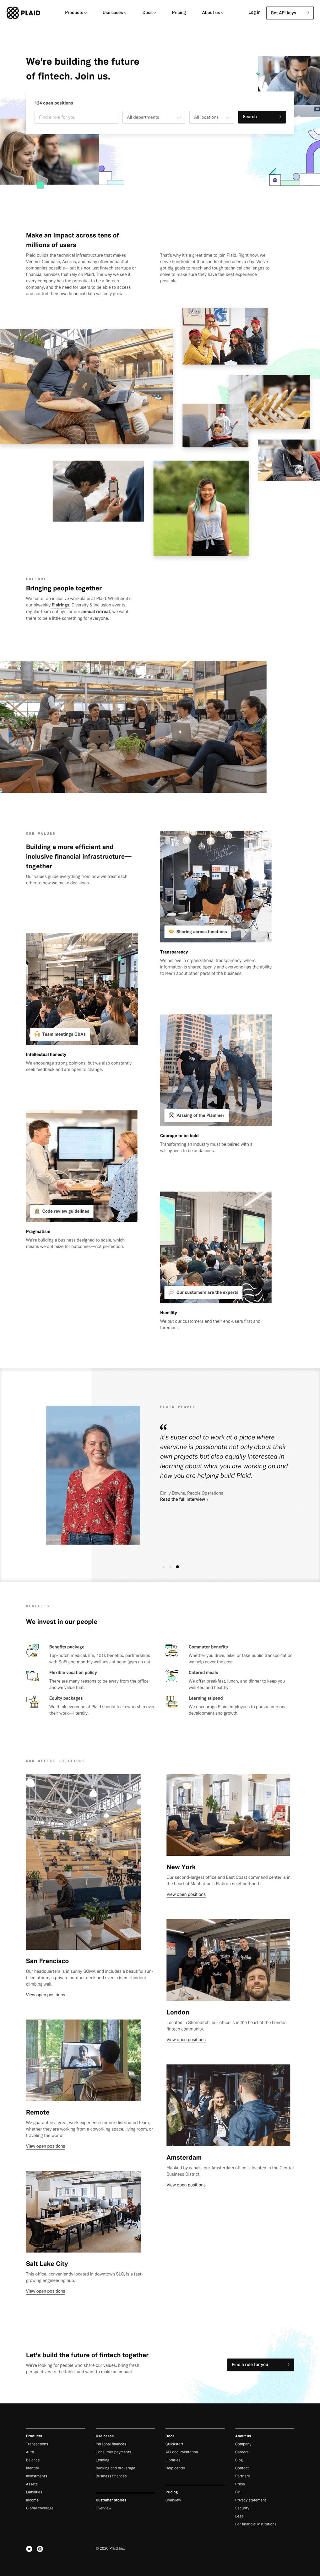 Plaid – Career page